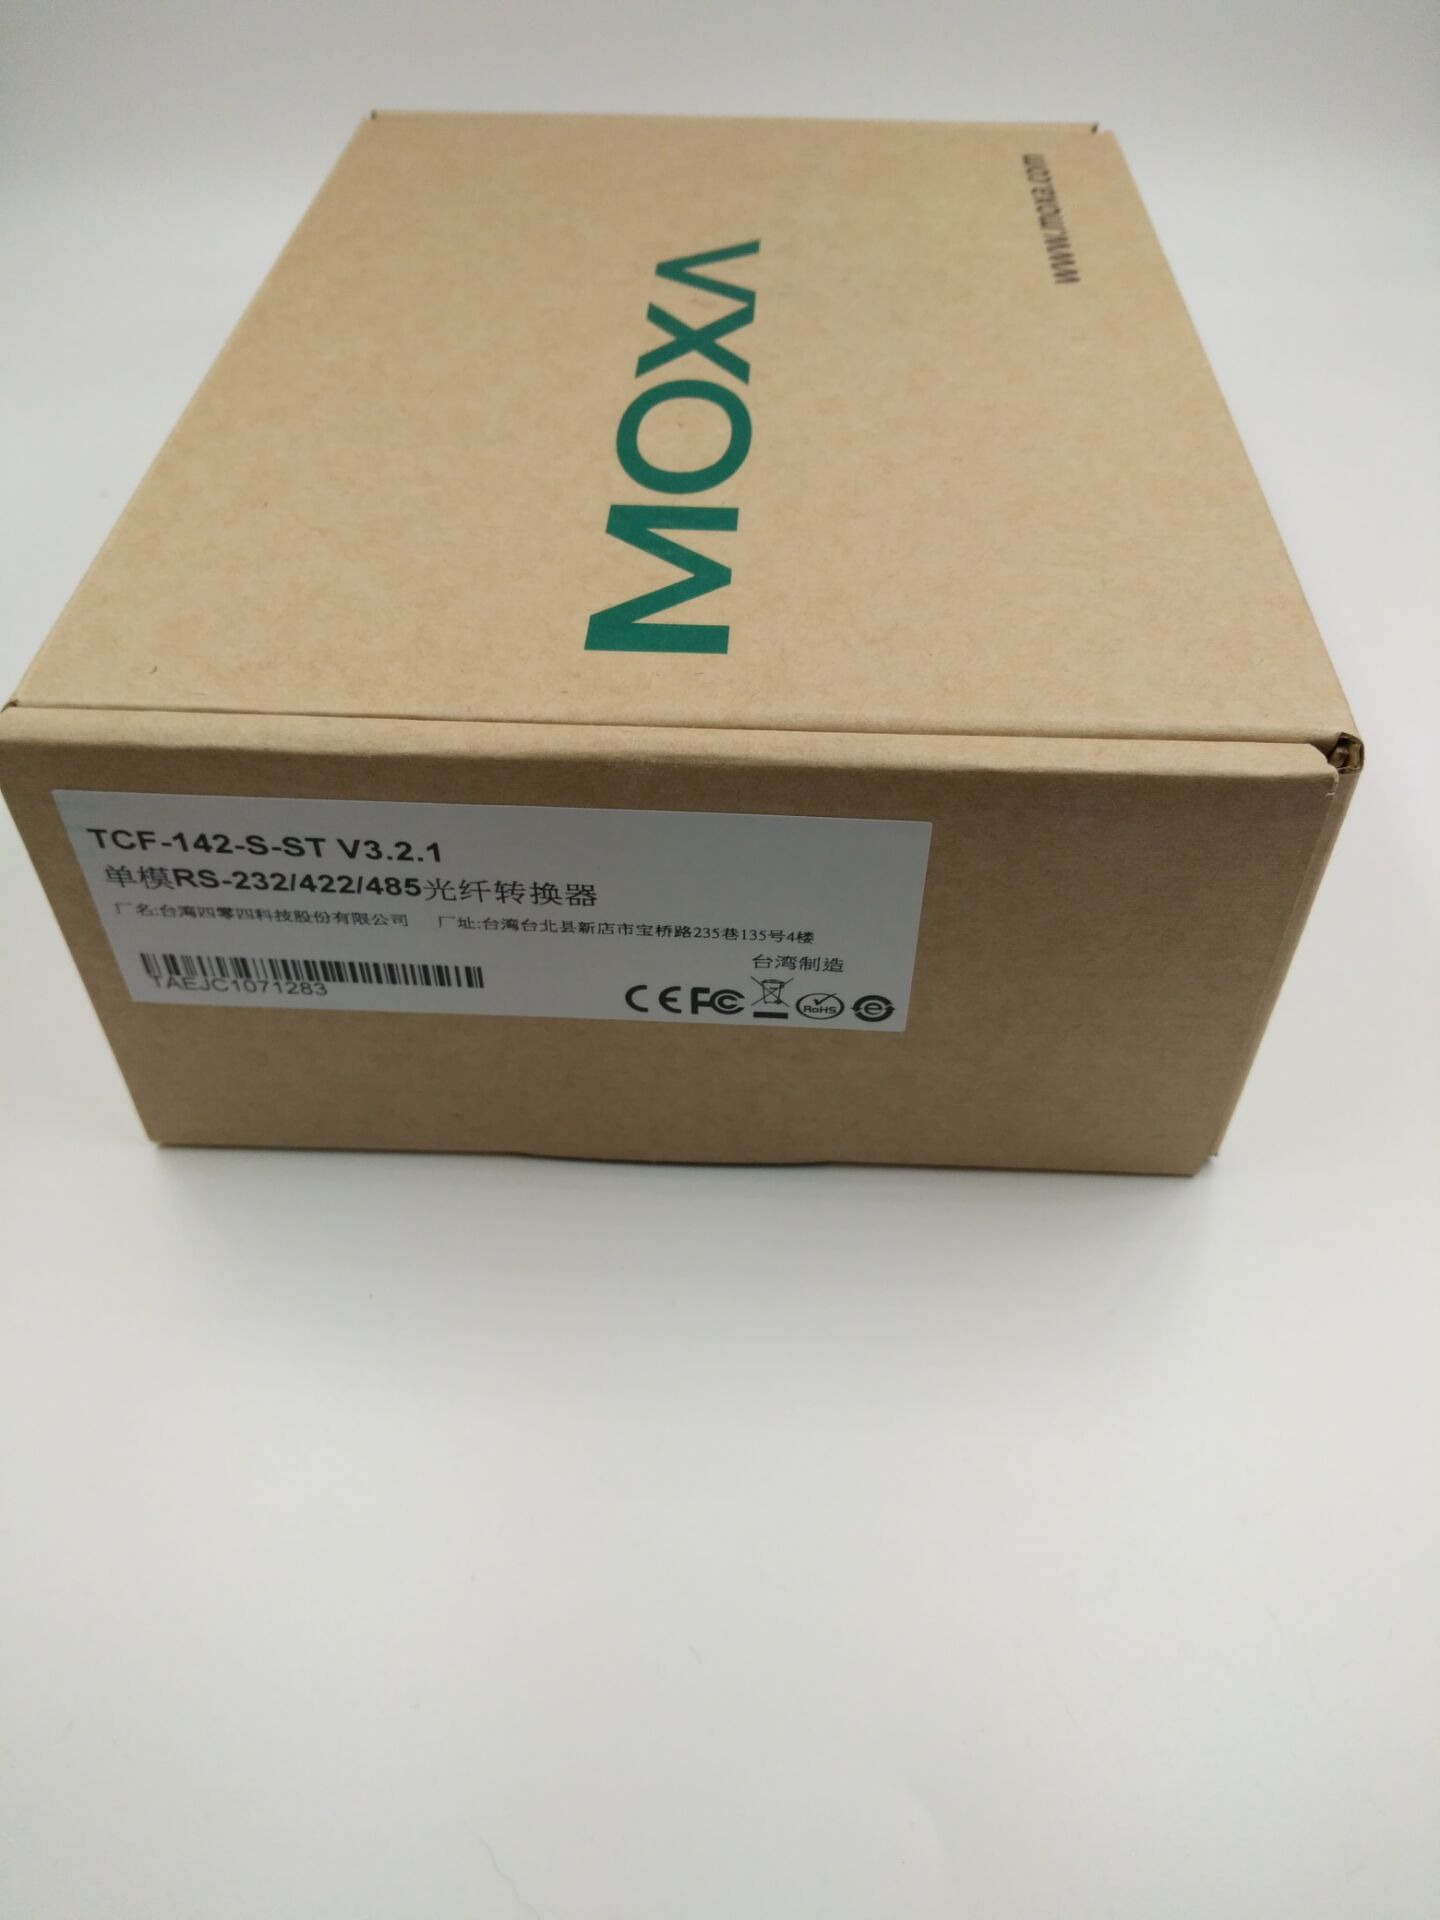 如何买好用的MOXA TCF-142-S/M-SC 山东MOXATCF-142-S/M-SC工业光电转换器